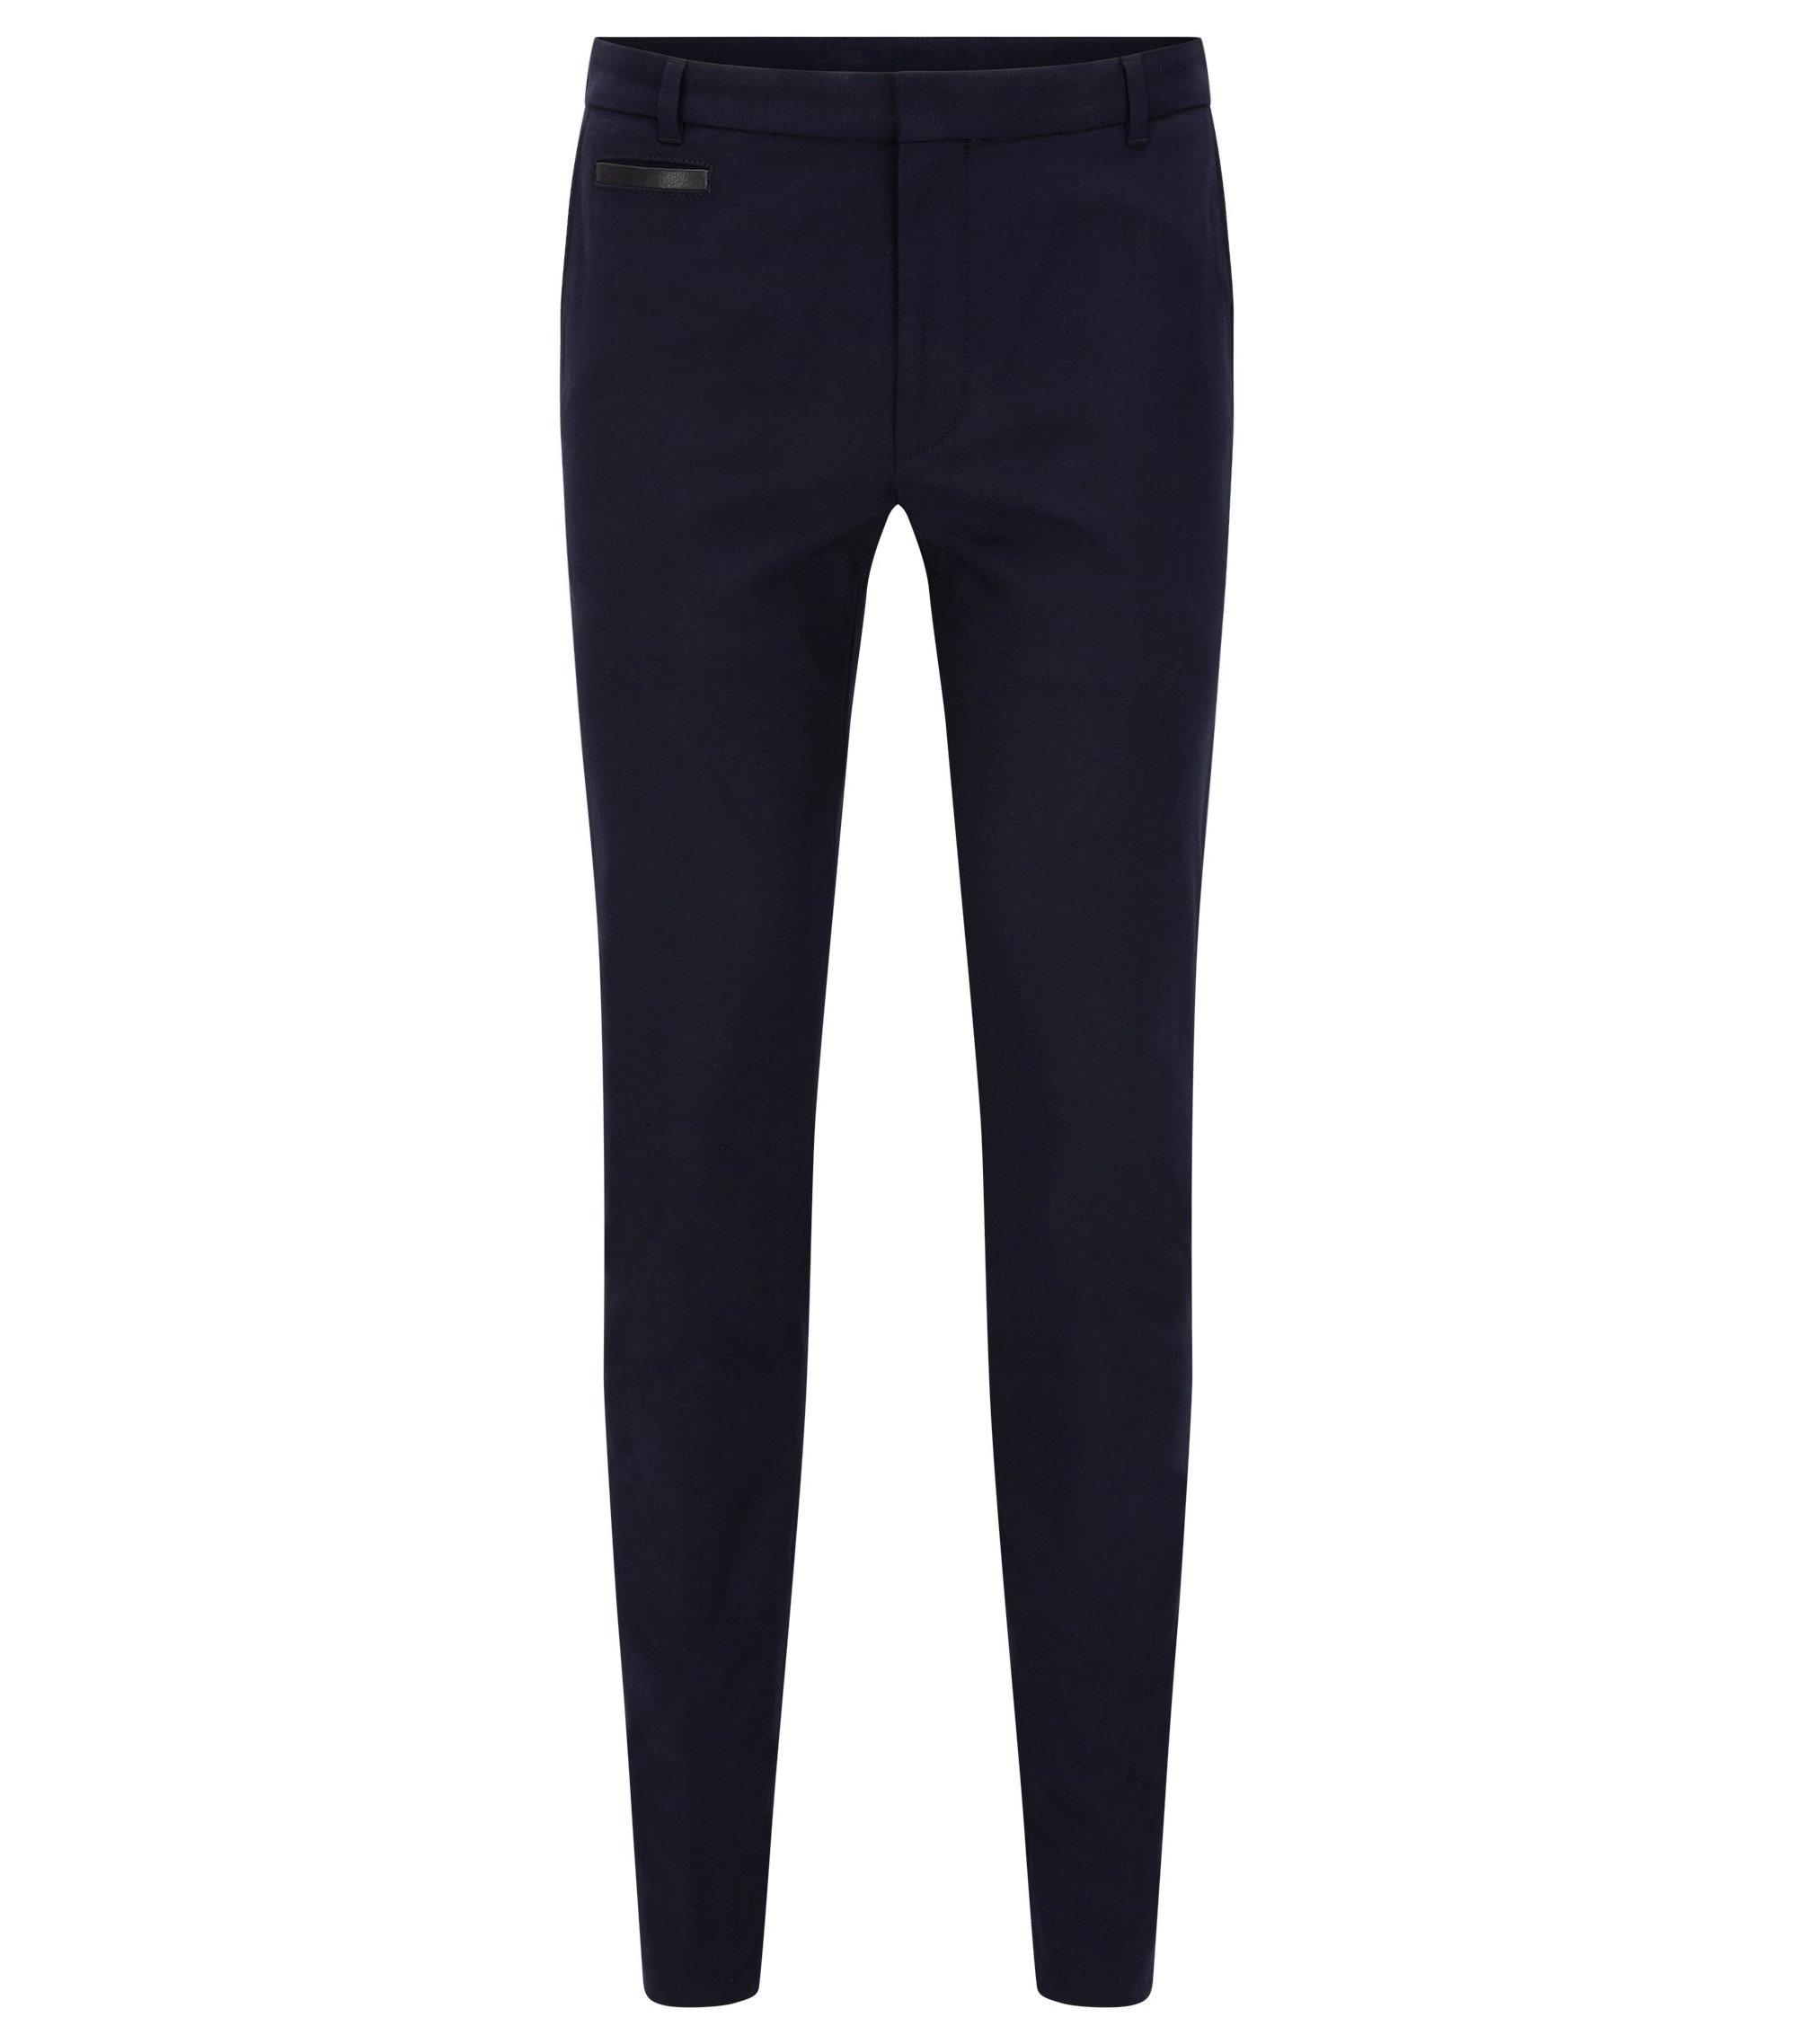 Extra Slim-Fit Hose aus zweifarbigem Baumwoll-Mix, Dunkelblau